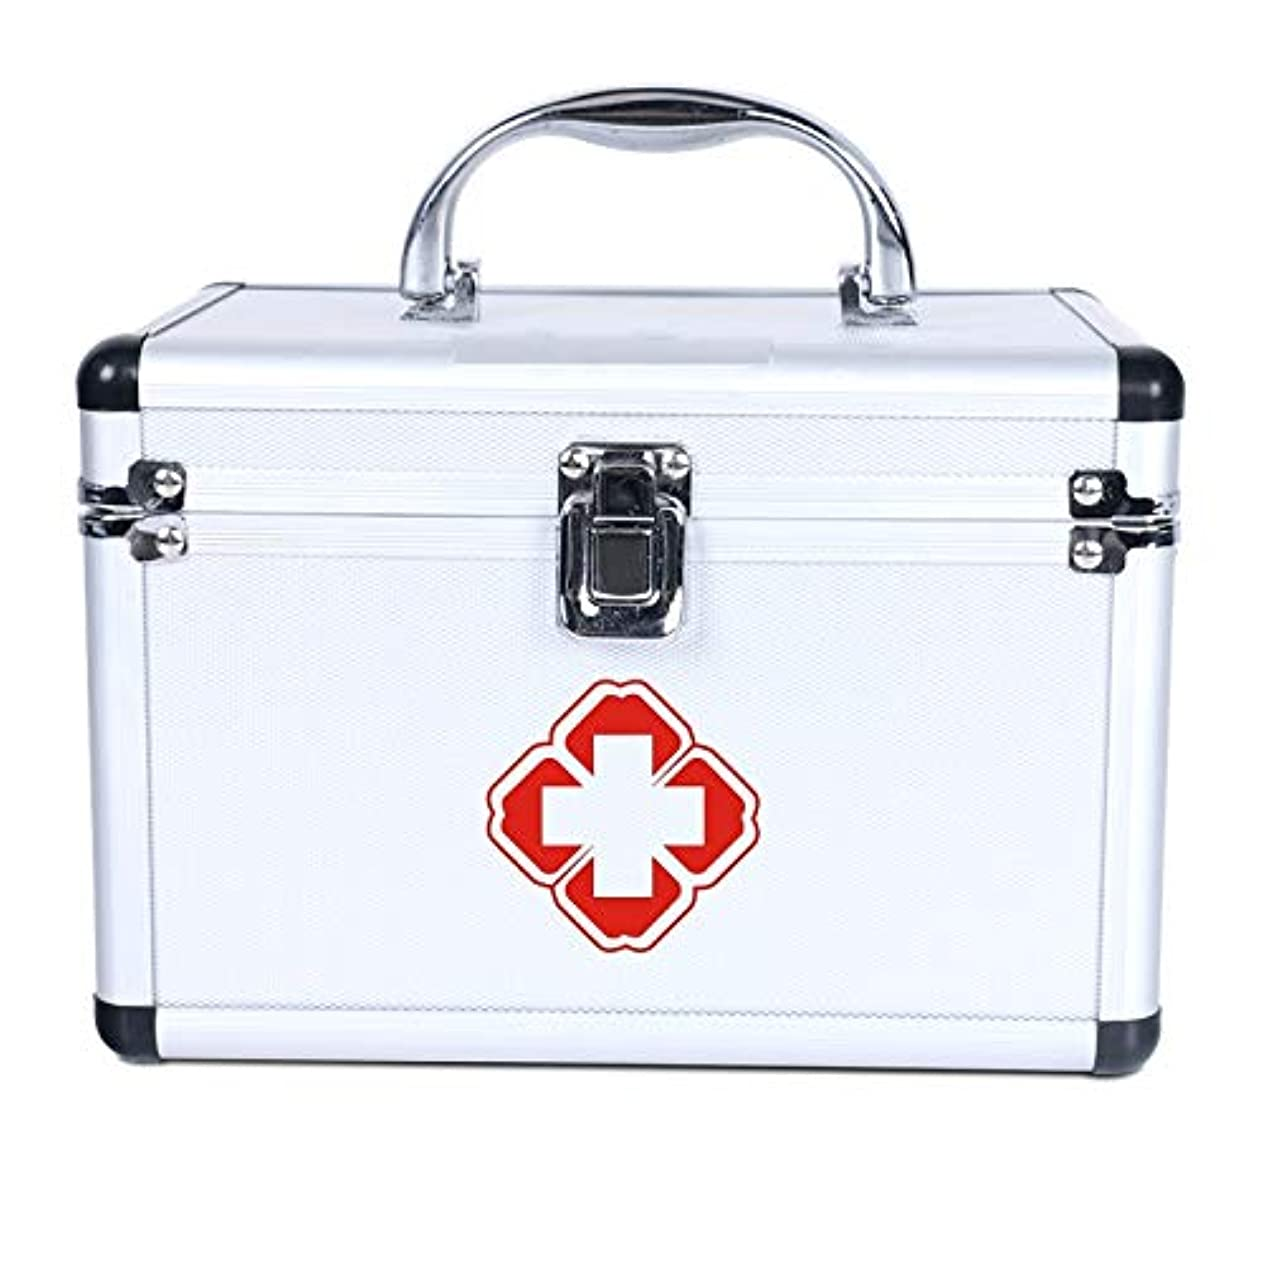 ちょっと待ってプレゼンテーション洗剤Xuping shop 医療収納ボックスの応急処置ボックス - 薬と処方箋の緊急キット収納ボックスをロックする